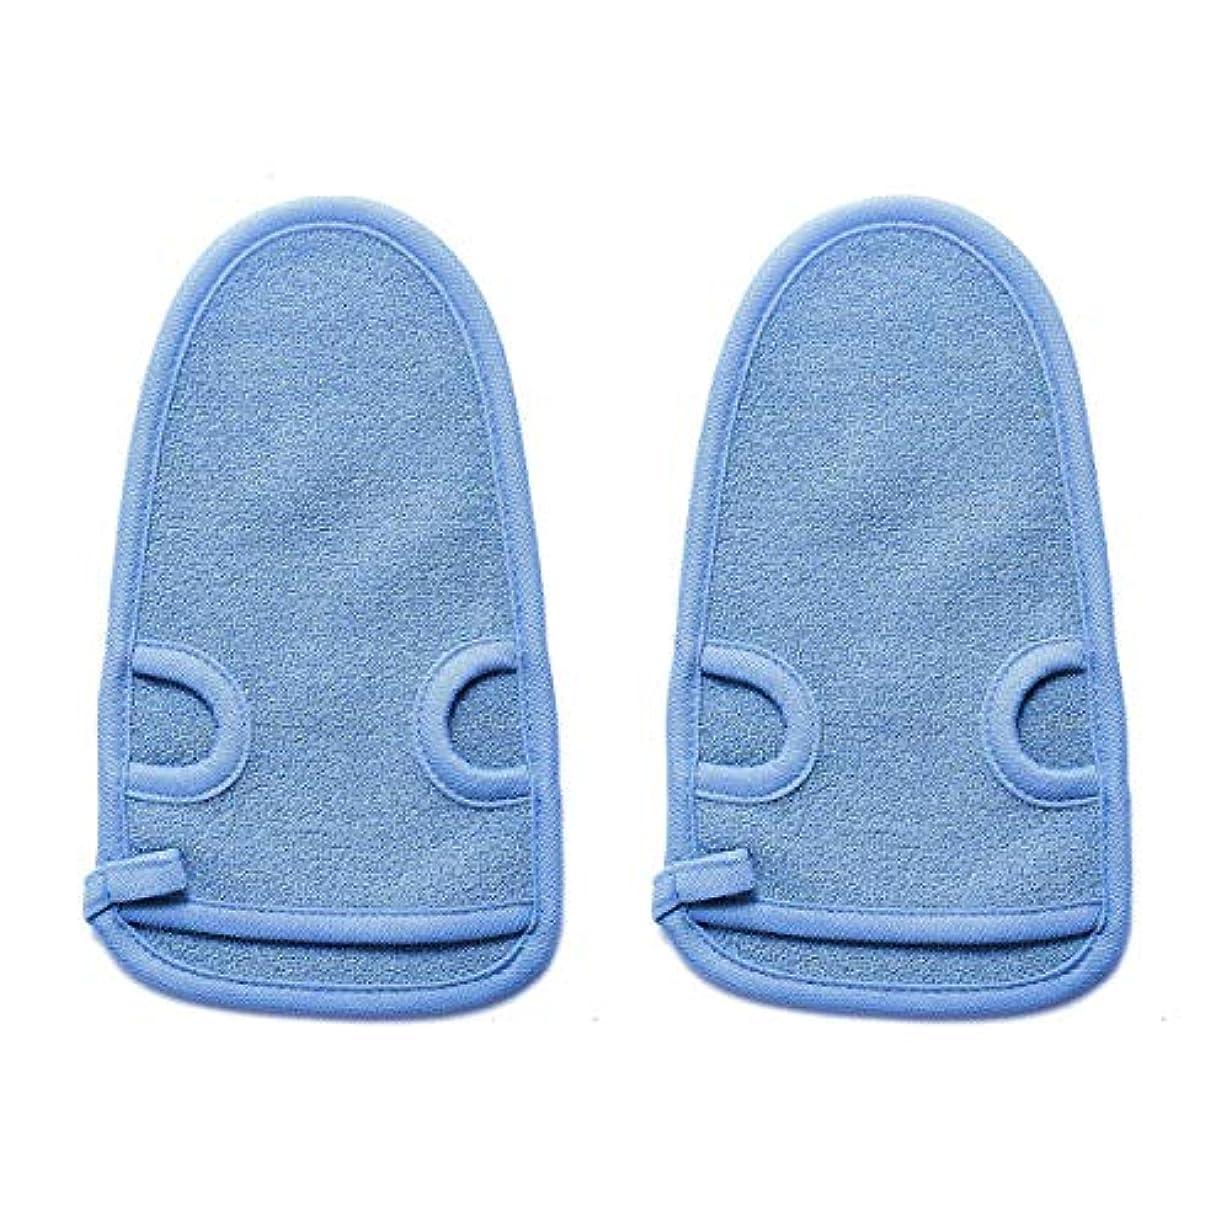 クロスコーラス昇進RSBELL ボディ手袋 浴用手袋 ダブルサイド 毛穴清潔 角質除去 男女兼用 入浴用品 2枚セット(天然素材の竹の繊維100%)